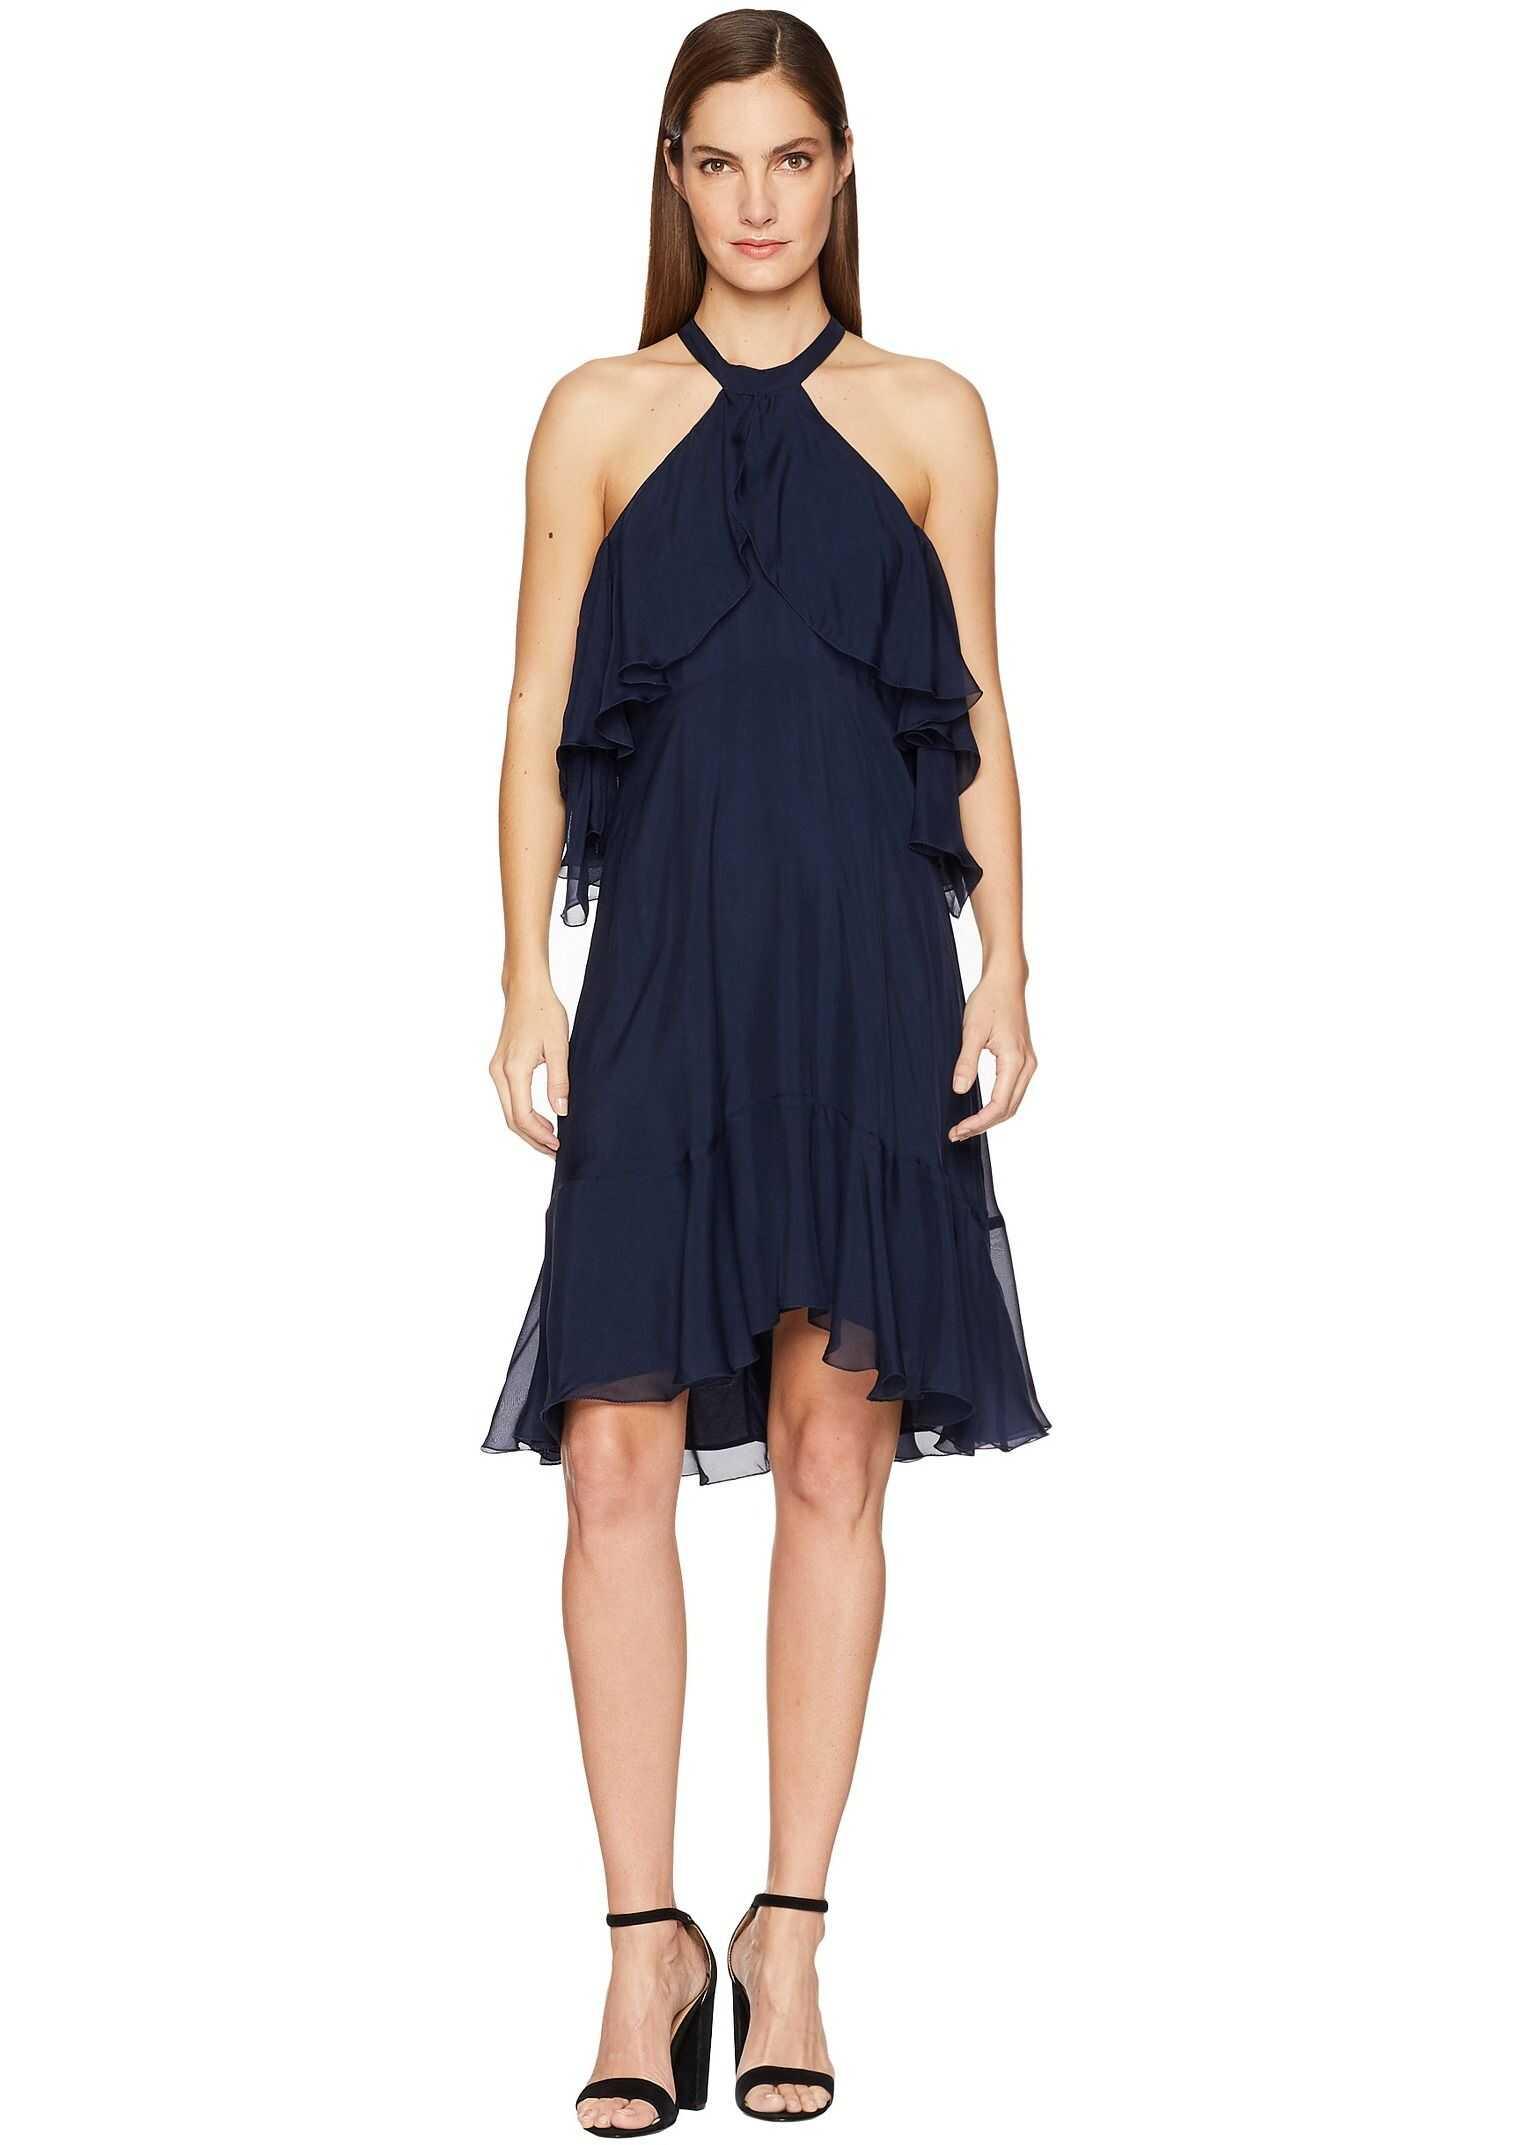 Nicole Miller Scalloped Dress Black Euforia Mall